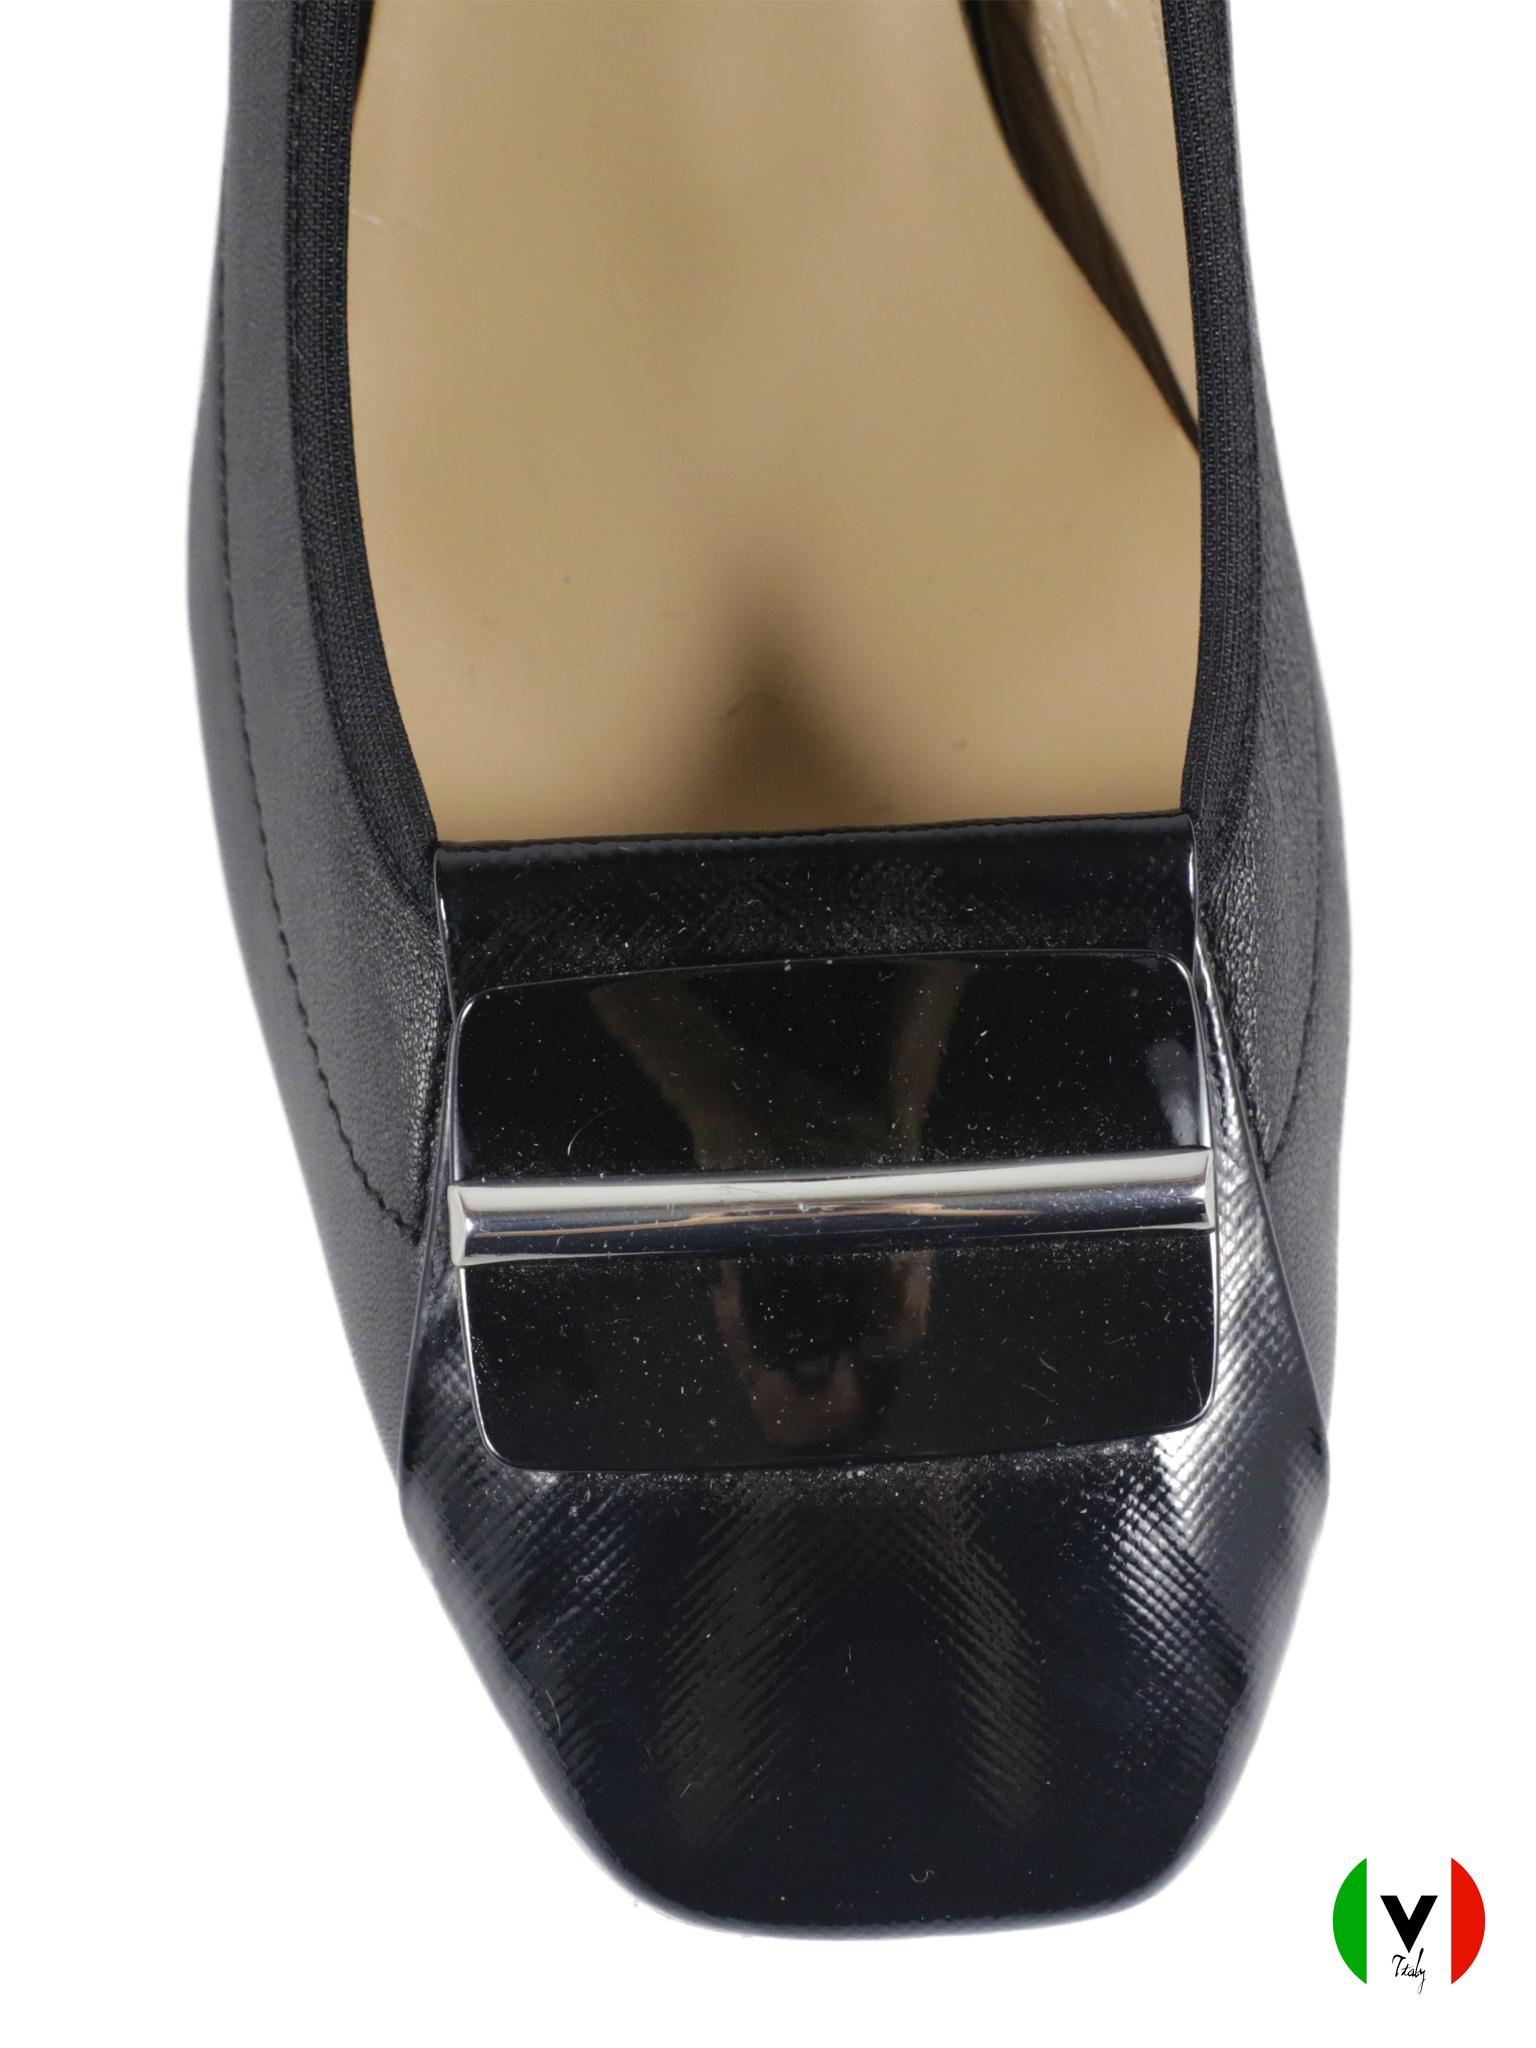 Осенние туфли Napoleoni каблук 5 см 4165, артикул 4165, сезон осень, цвет чёрный, материал кожа, цена 7 000 руб., veroitaly.ru